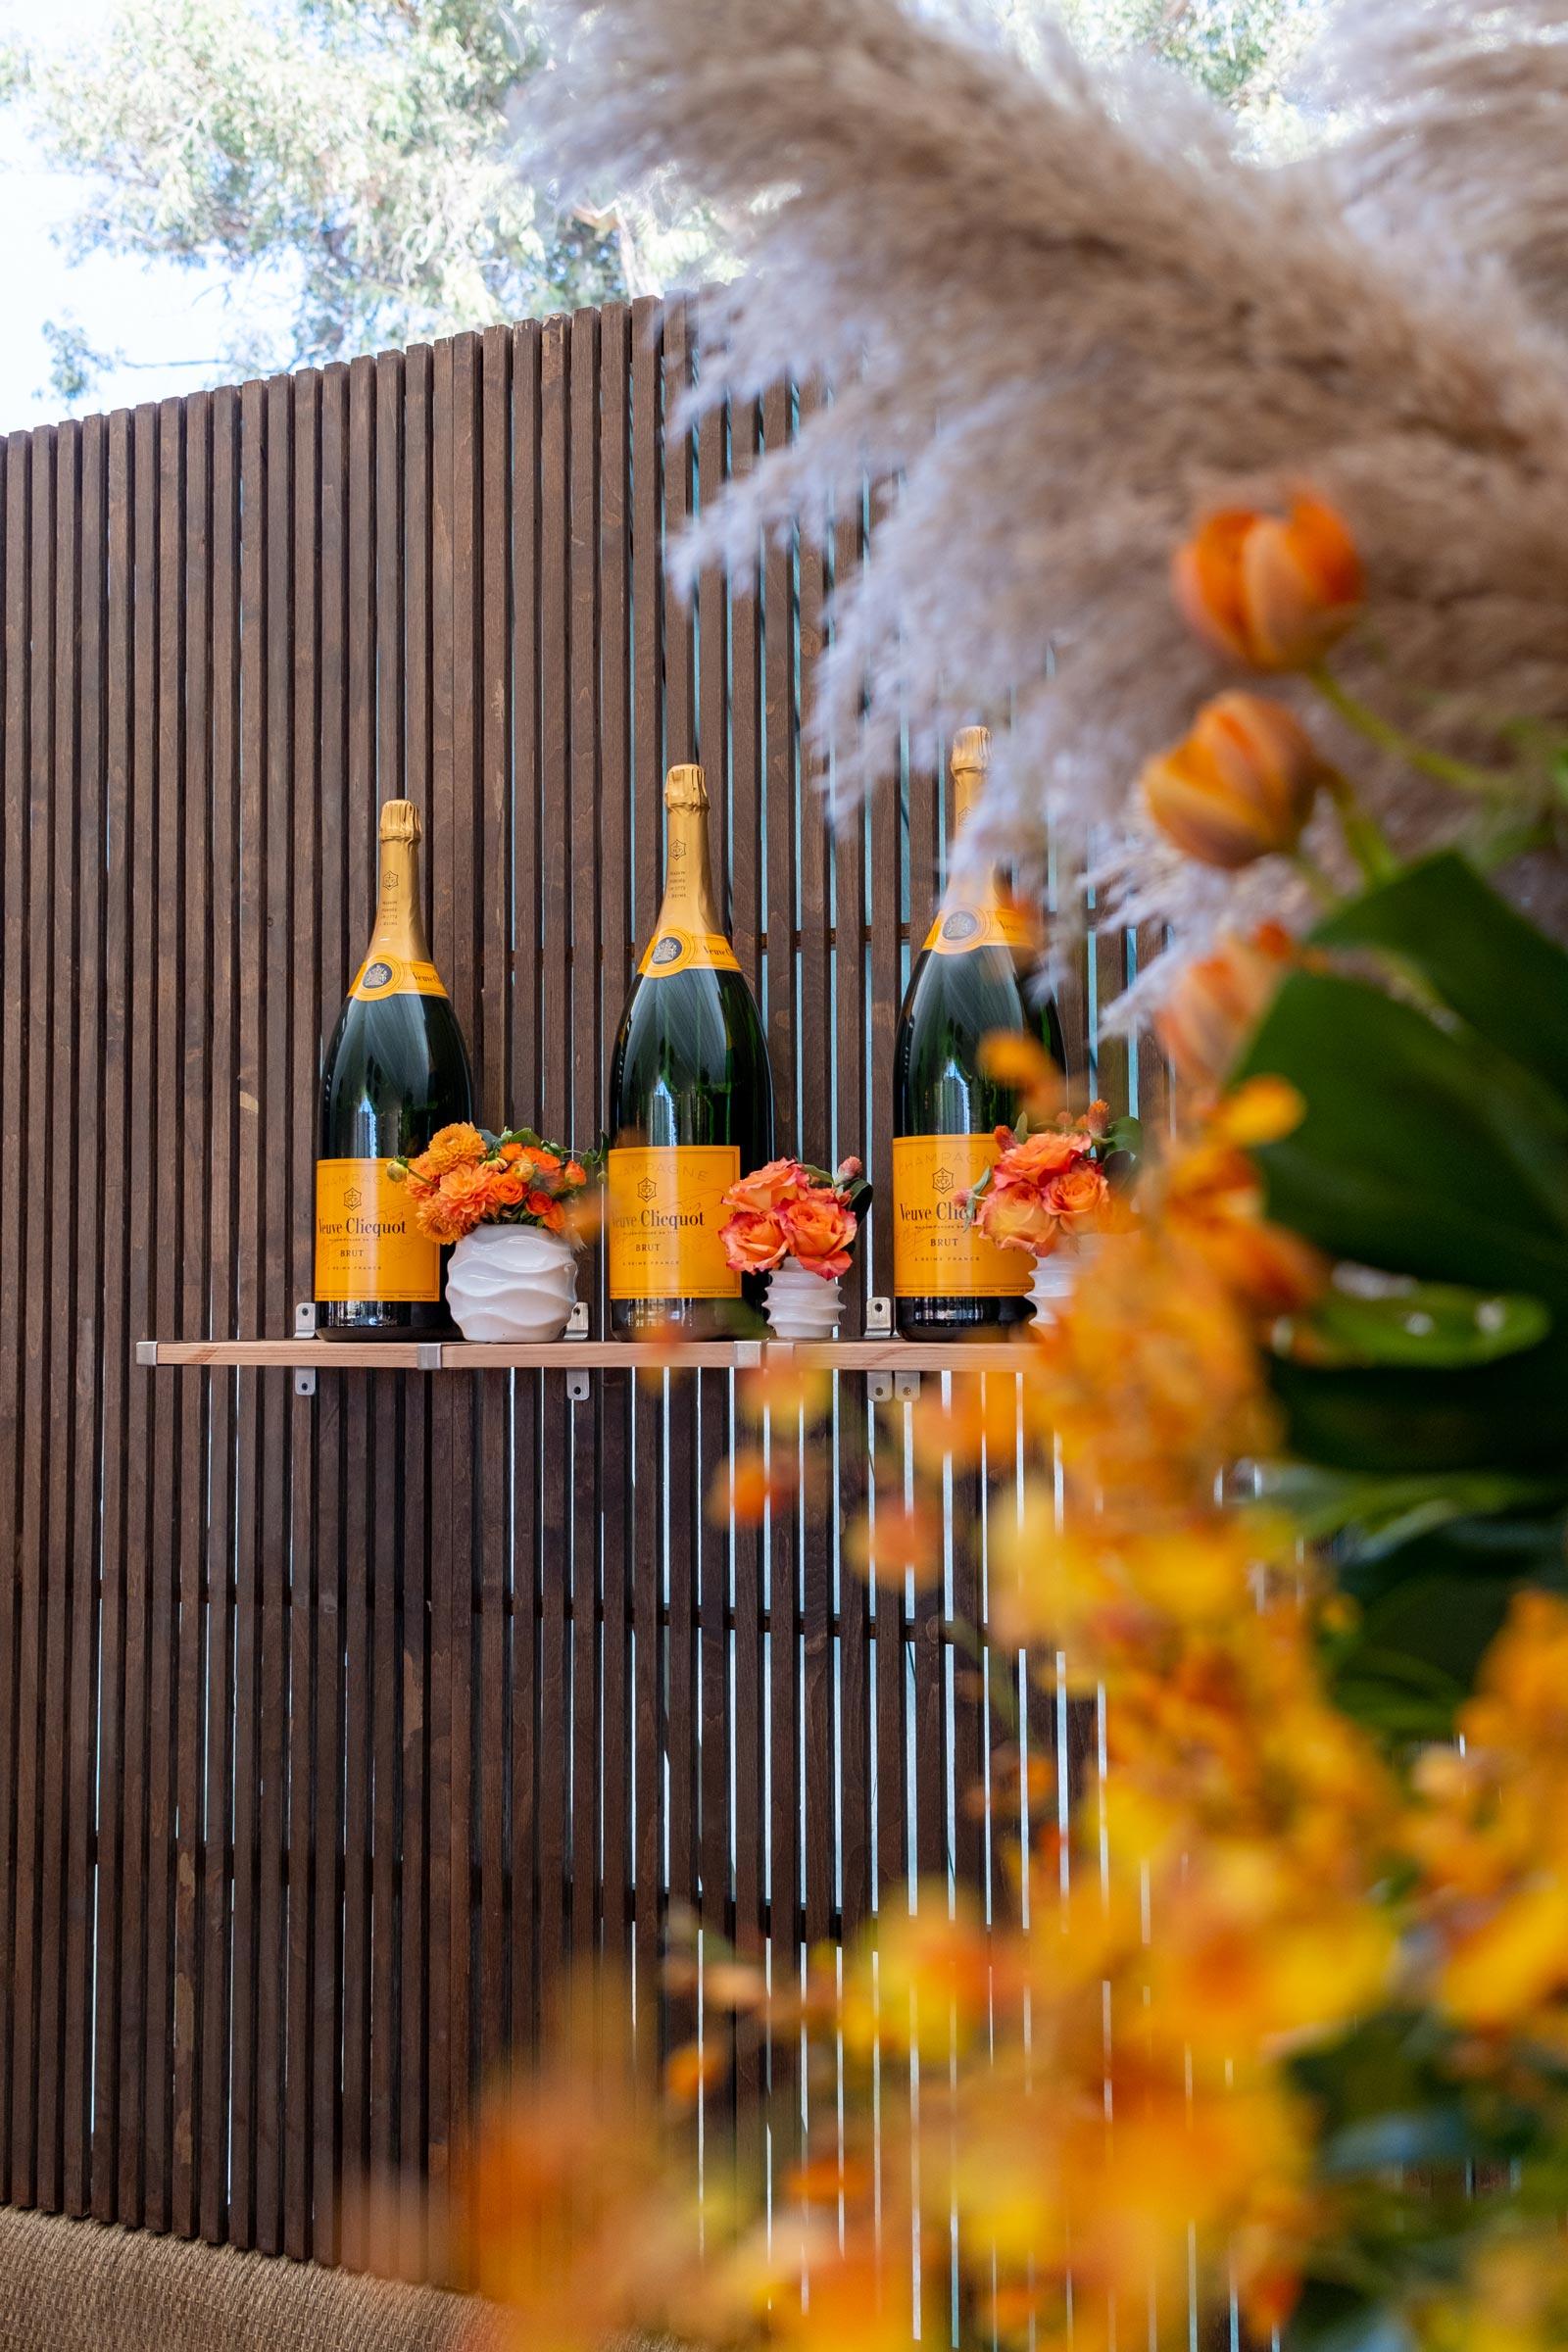 Veuve Clicquot Gold Bottles